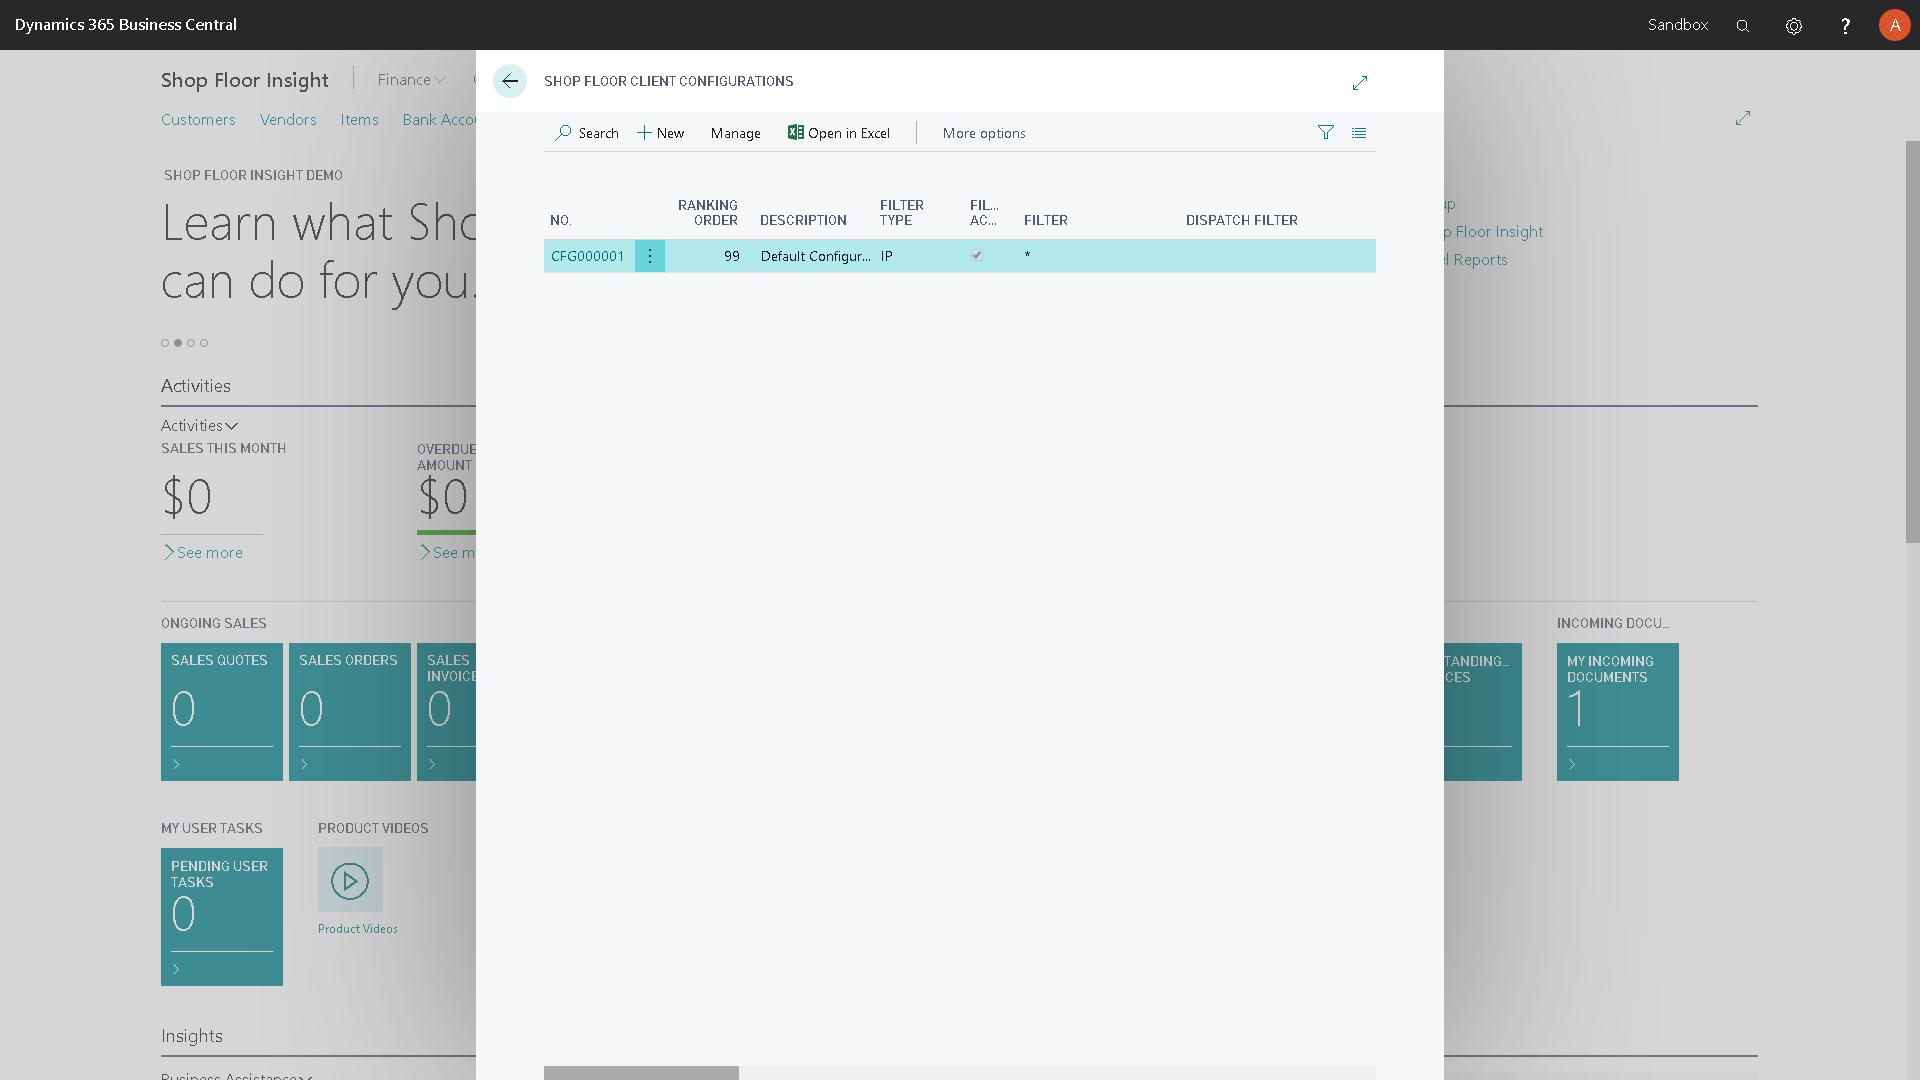 Client Configurations